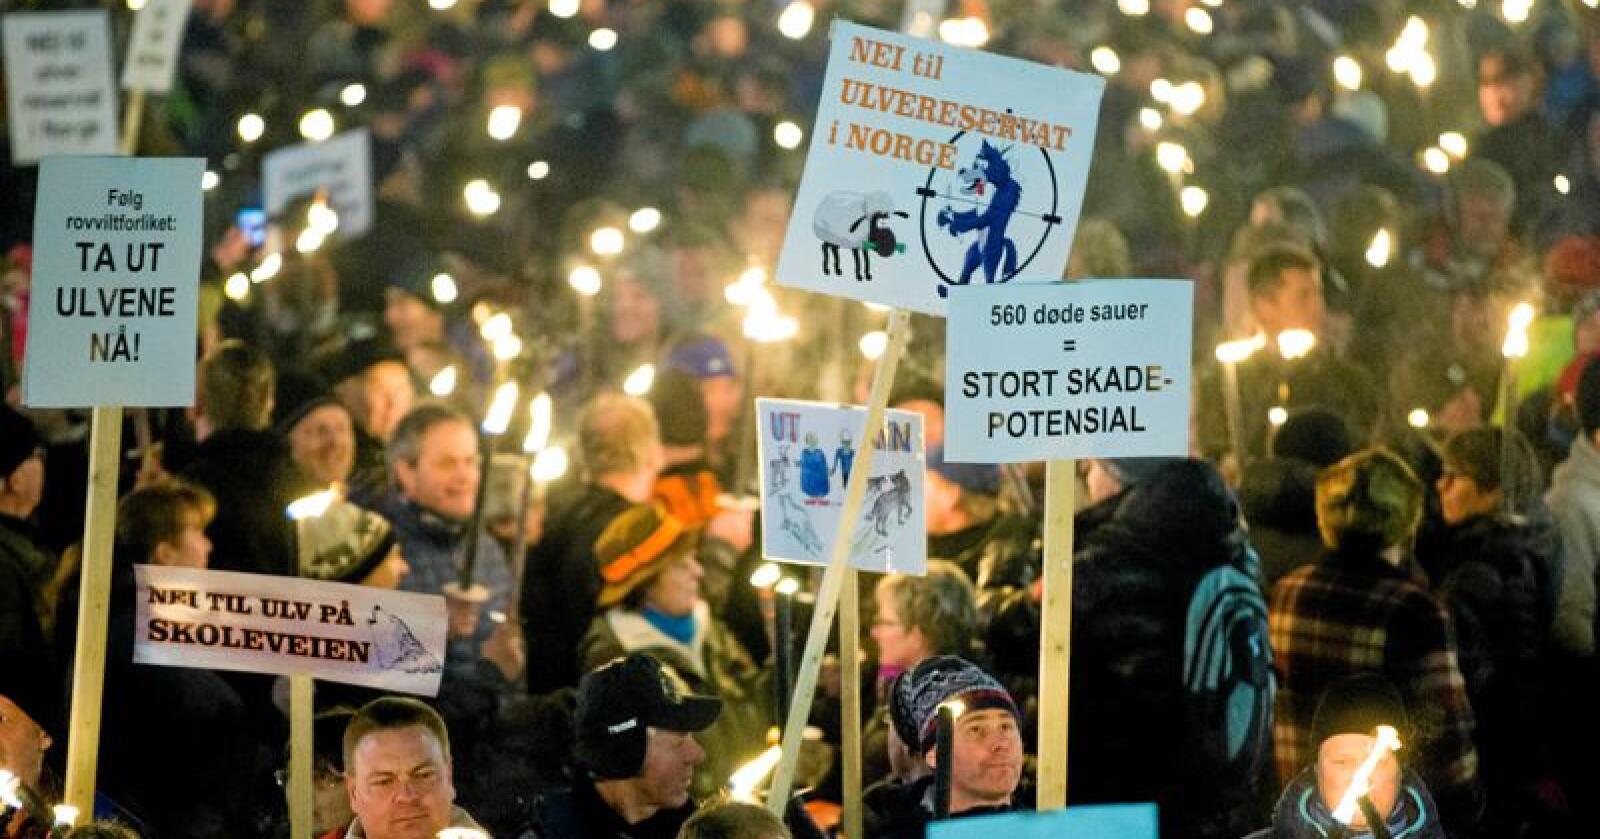 Ulvemotstandere i fakkeltog mot regjeringens ulvepolitikk i 2017. I 2019 er det på'n igjen. Foto: Vegard Wivestad Grøtt / NTB Scanpix